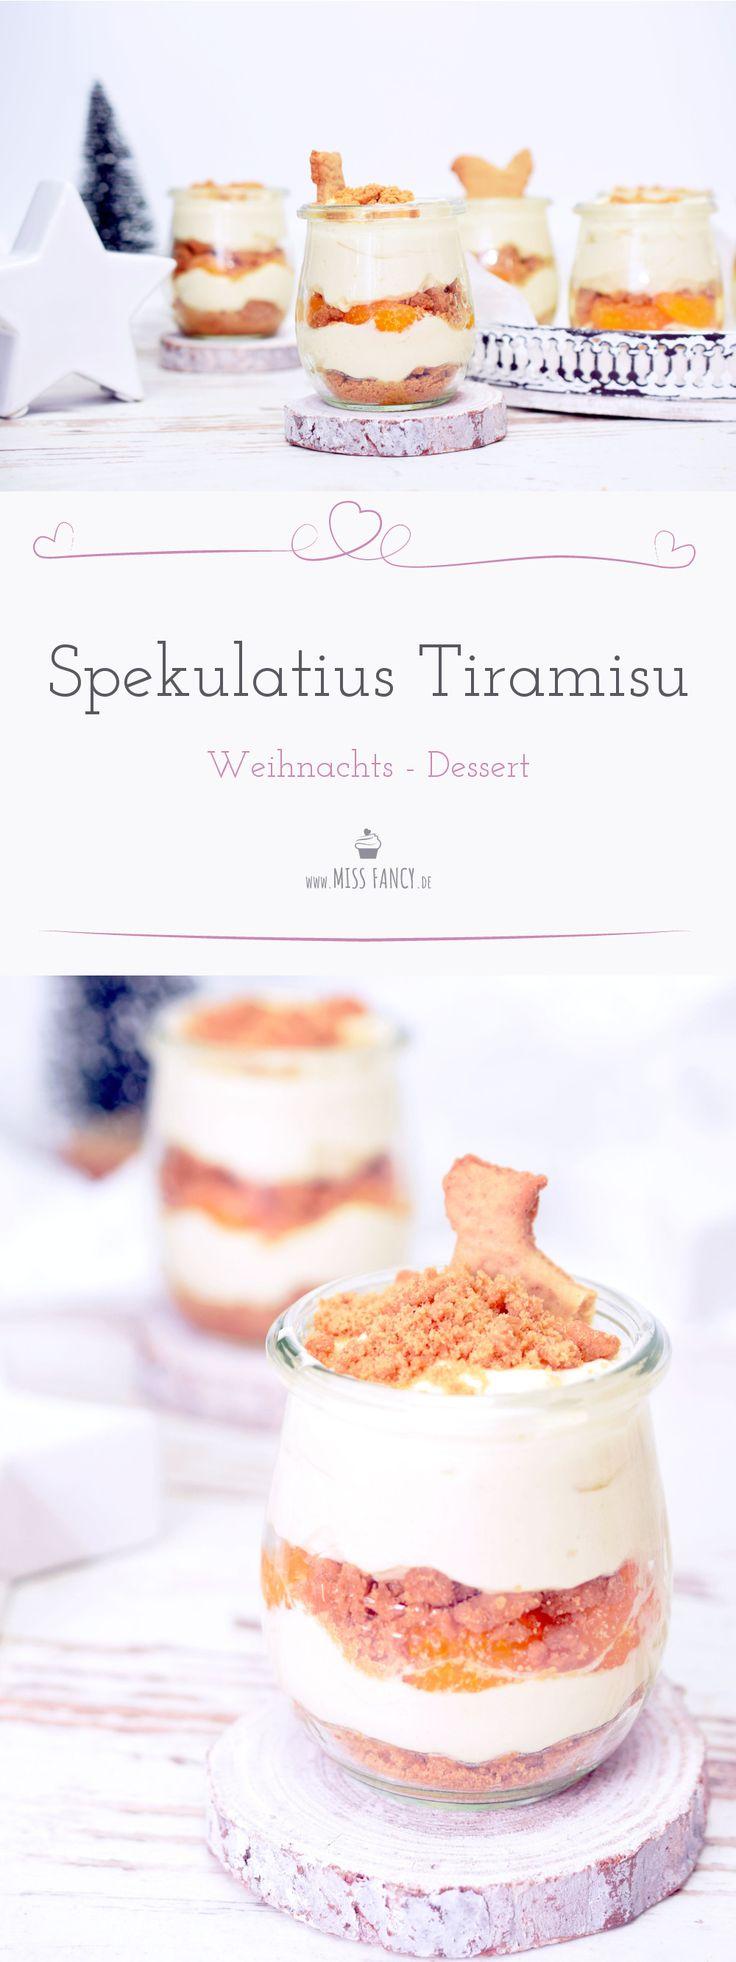 Ein weihnachtliches Dessert ist ein Spekulatius Tiramisu mit Mandarinen. Leicht und  schnell gemacht, kannst du deine Lieben mit diesem leckeren Dessert  überraschen. #Tiramisu #Spekulatius #Dessert #Weihnachtsrezept #Rezept